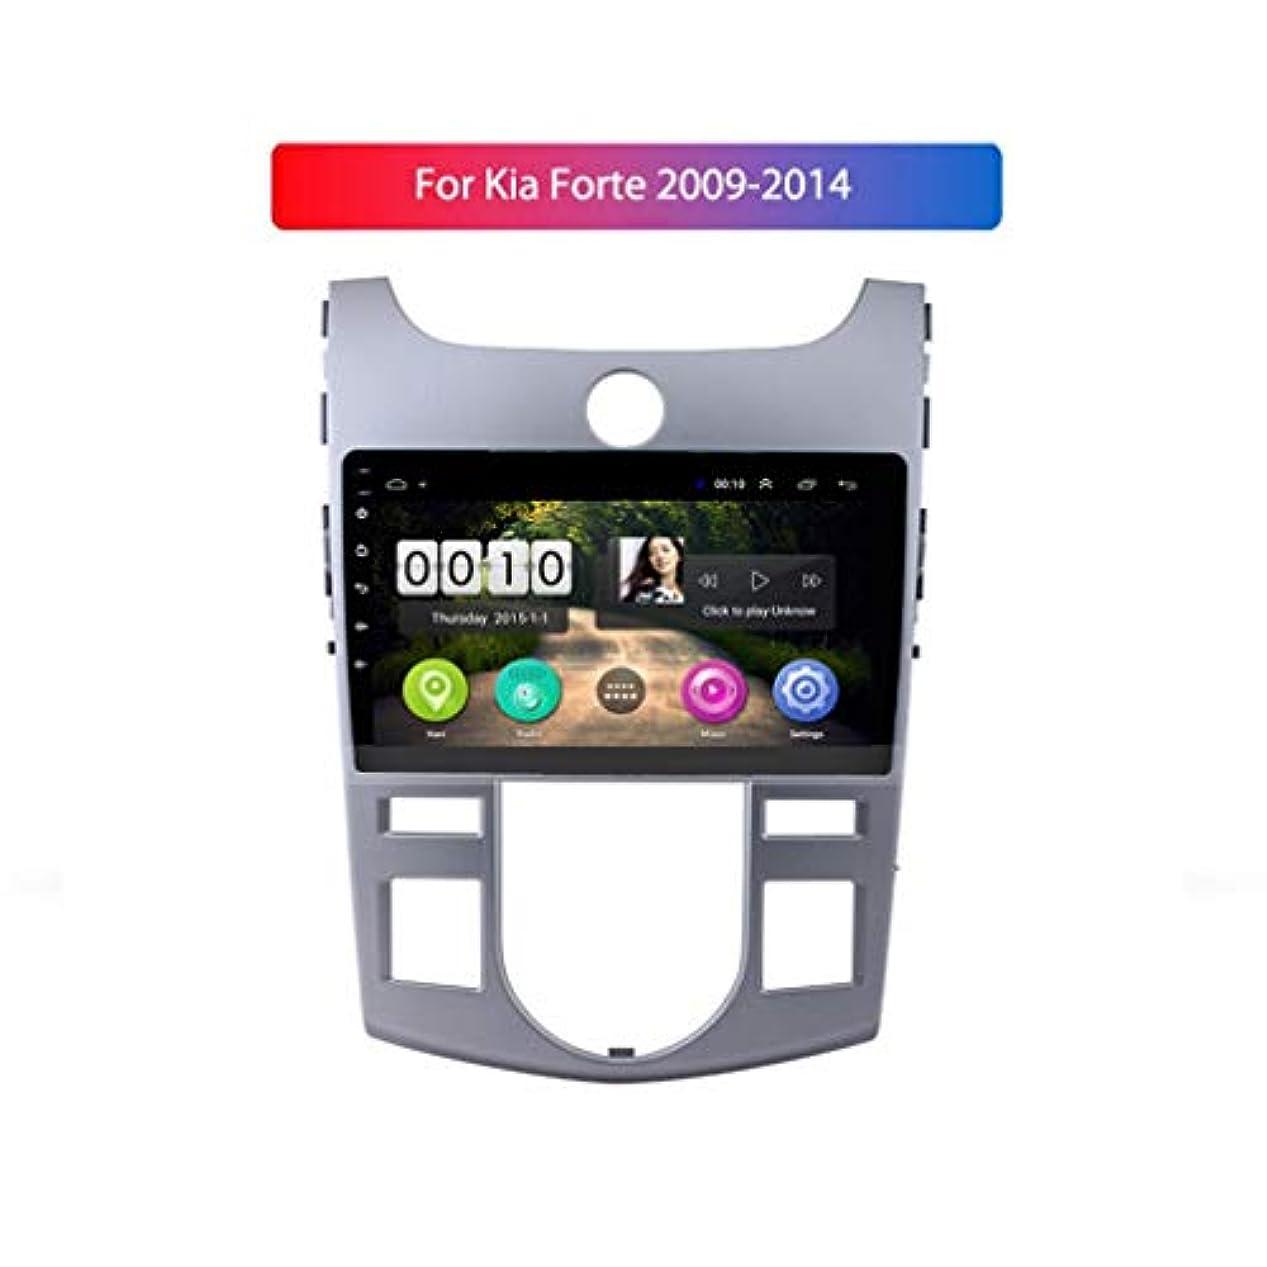 ビルダー死にかけているダイアクリティカル9インチAndroid 8.1 2.5D強化HDタッチスクリーンラジオ、KIA forte 2009-2014、Bluetooth USB WIFIサポートSWC、ステアリングホイールコントロール付き